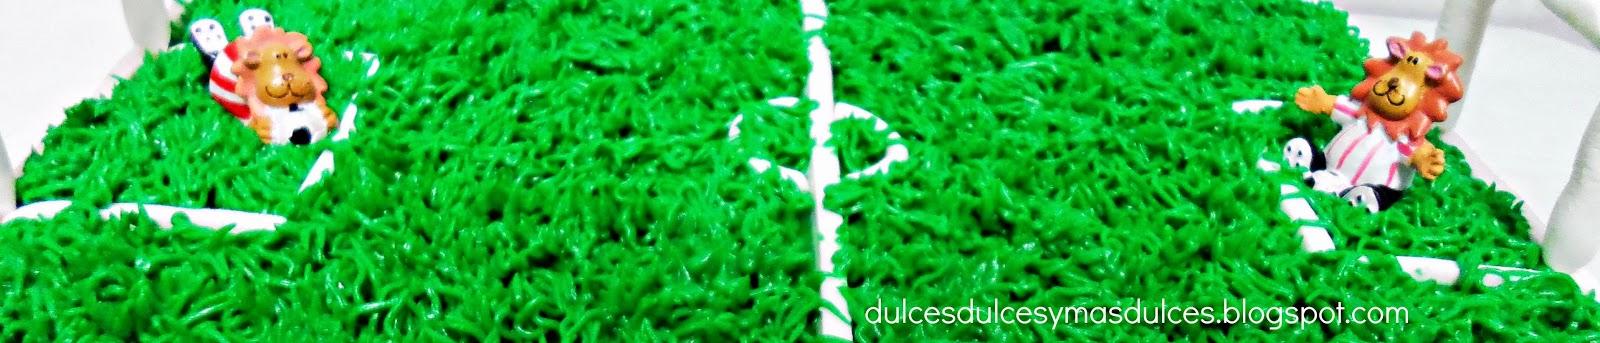 Cancha De Futbol Imágenes De Archivo Vectores 123RF